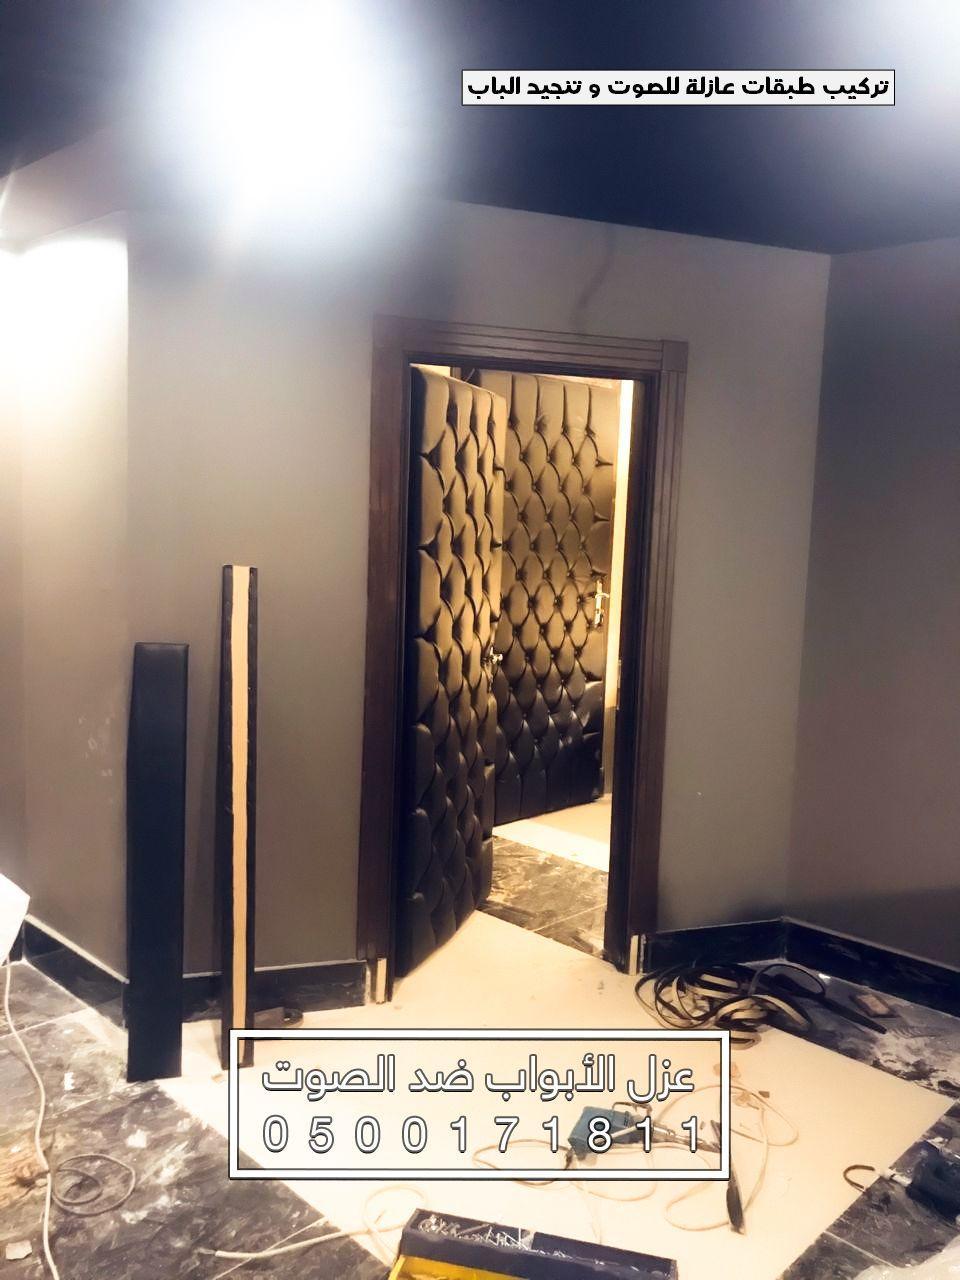 محل عزل صوت و ديكورات الرياض Home Decor Decor Room Divider